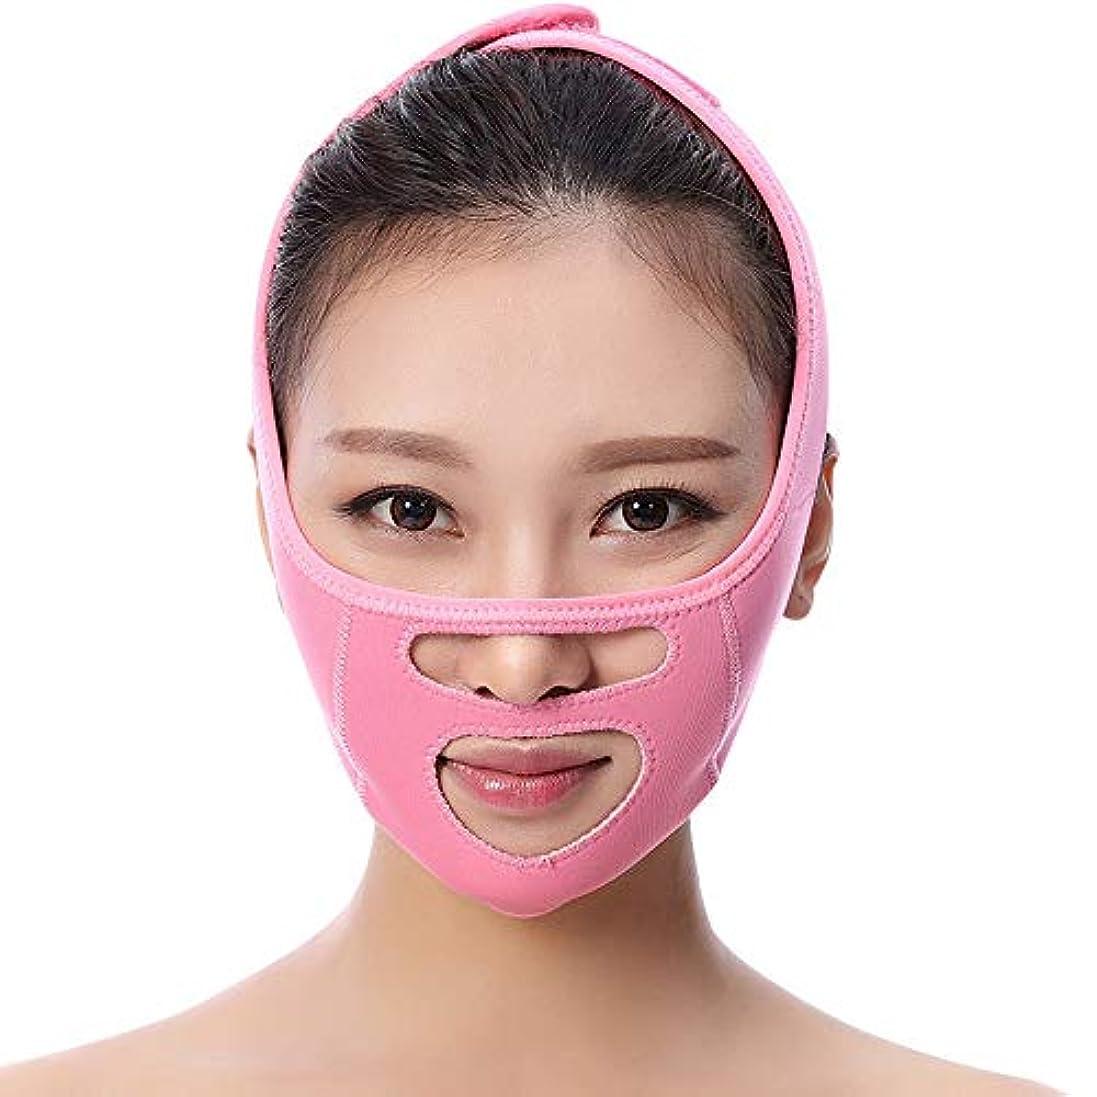 者エンドテーブルミシンフェイスリフトマスク、睡眠薄型フェイスベルトリフティングパーマネントビューティーvフェイスバンデージダブルチンアーチファクト,Pink